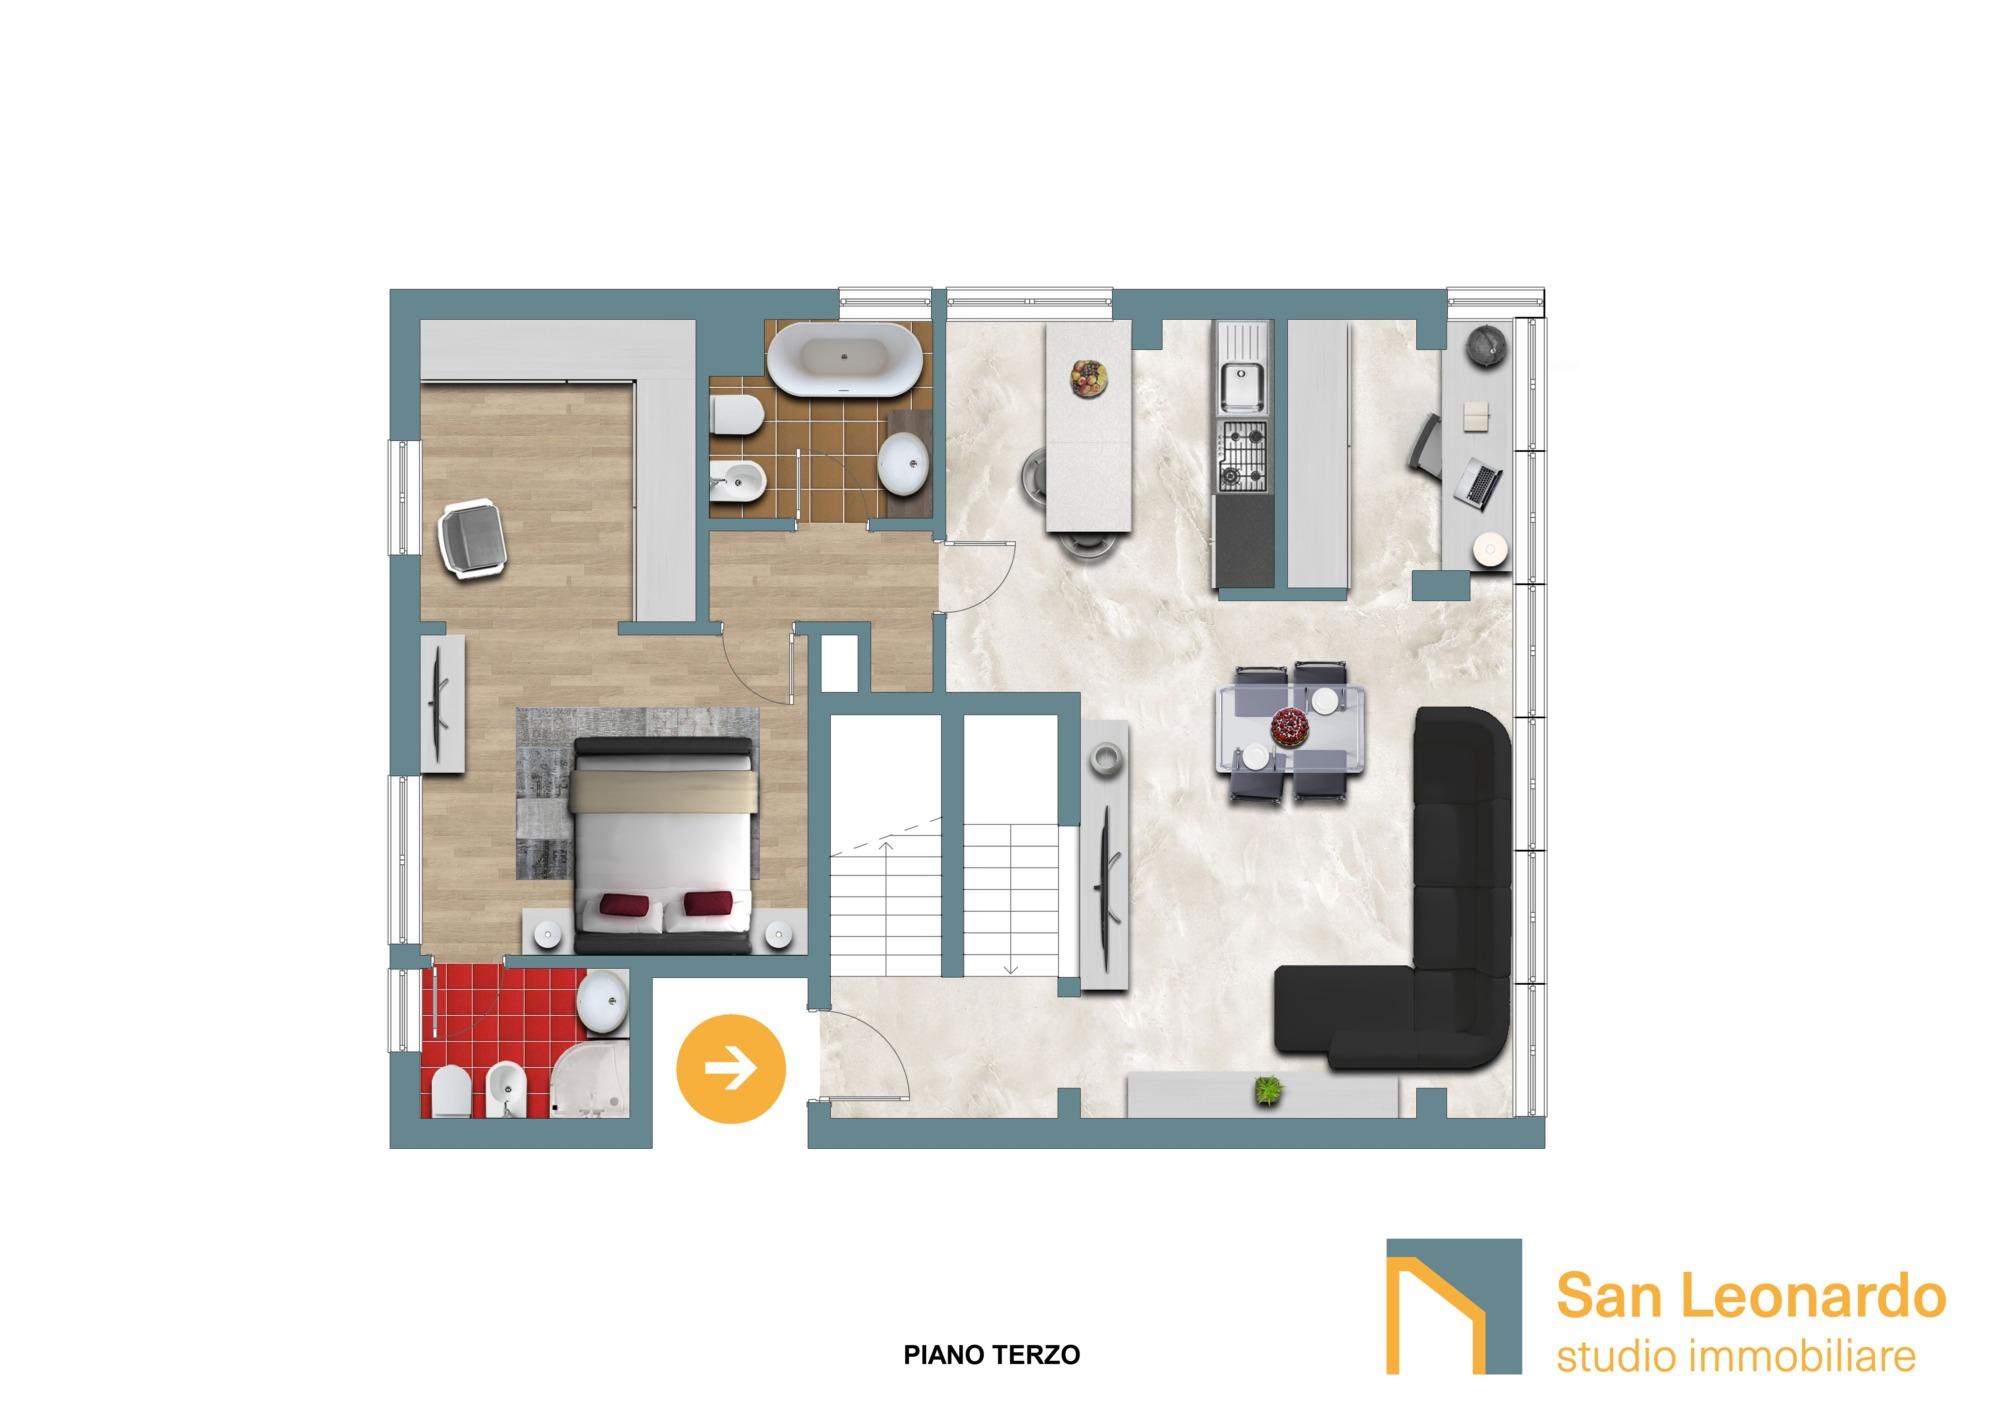 plani d studio san leonardo attico piano terzo jpg